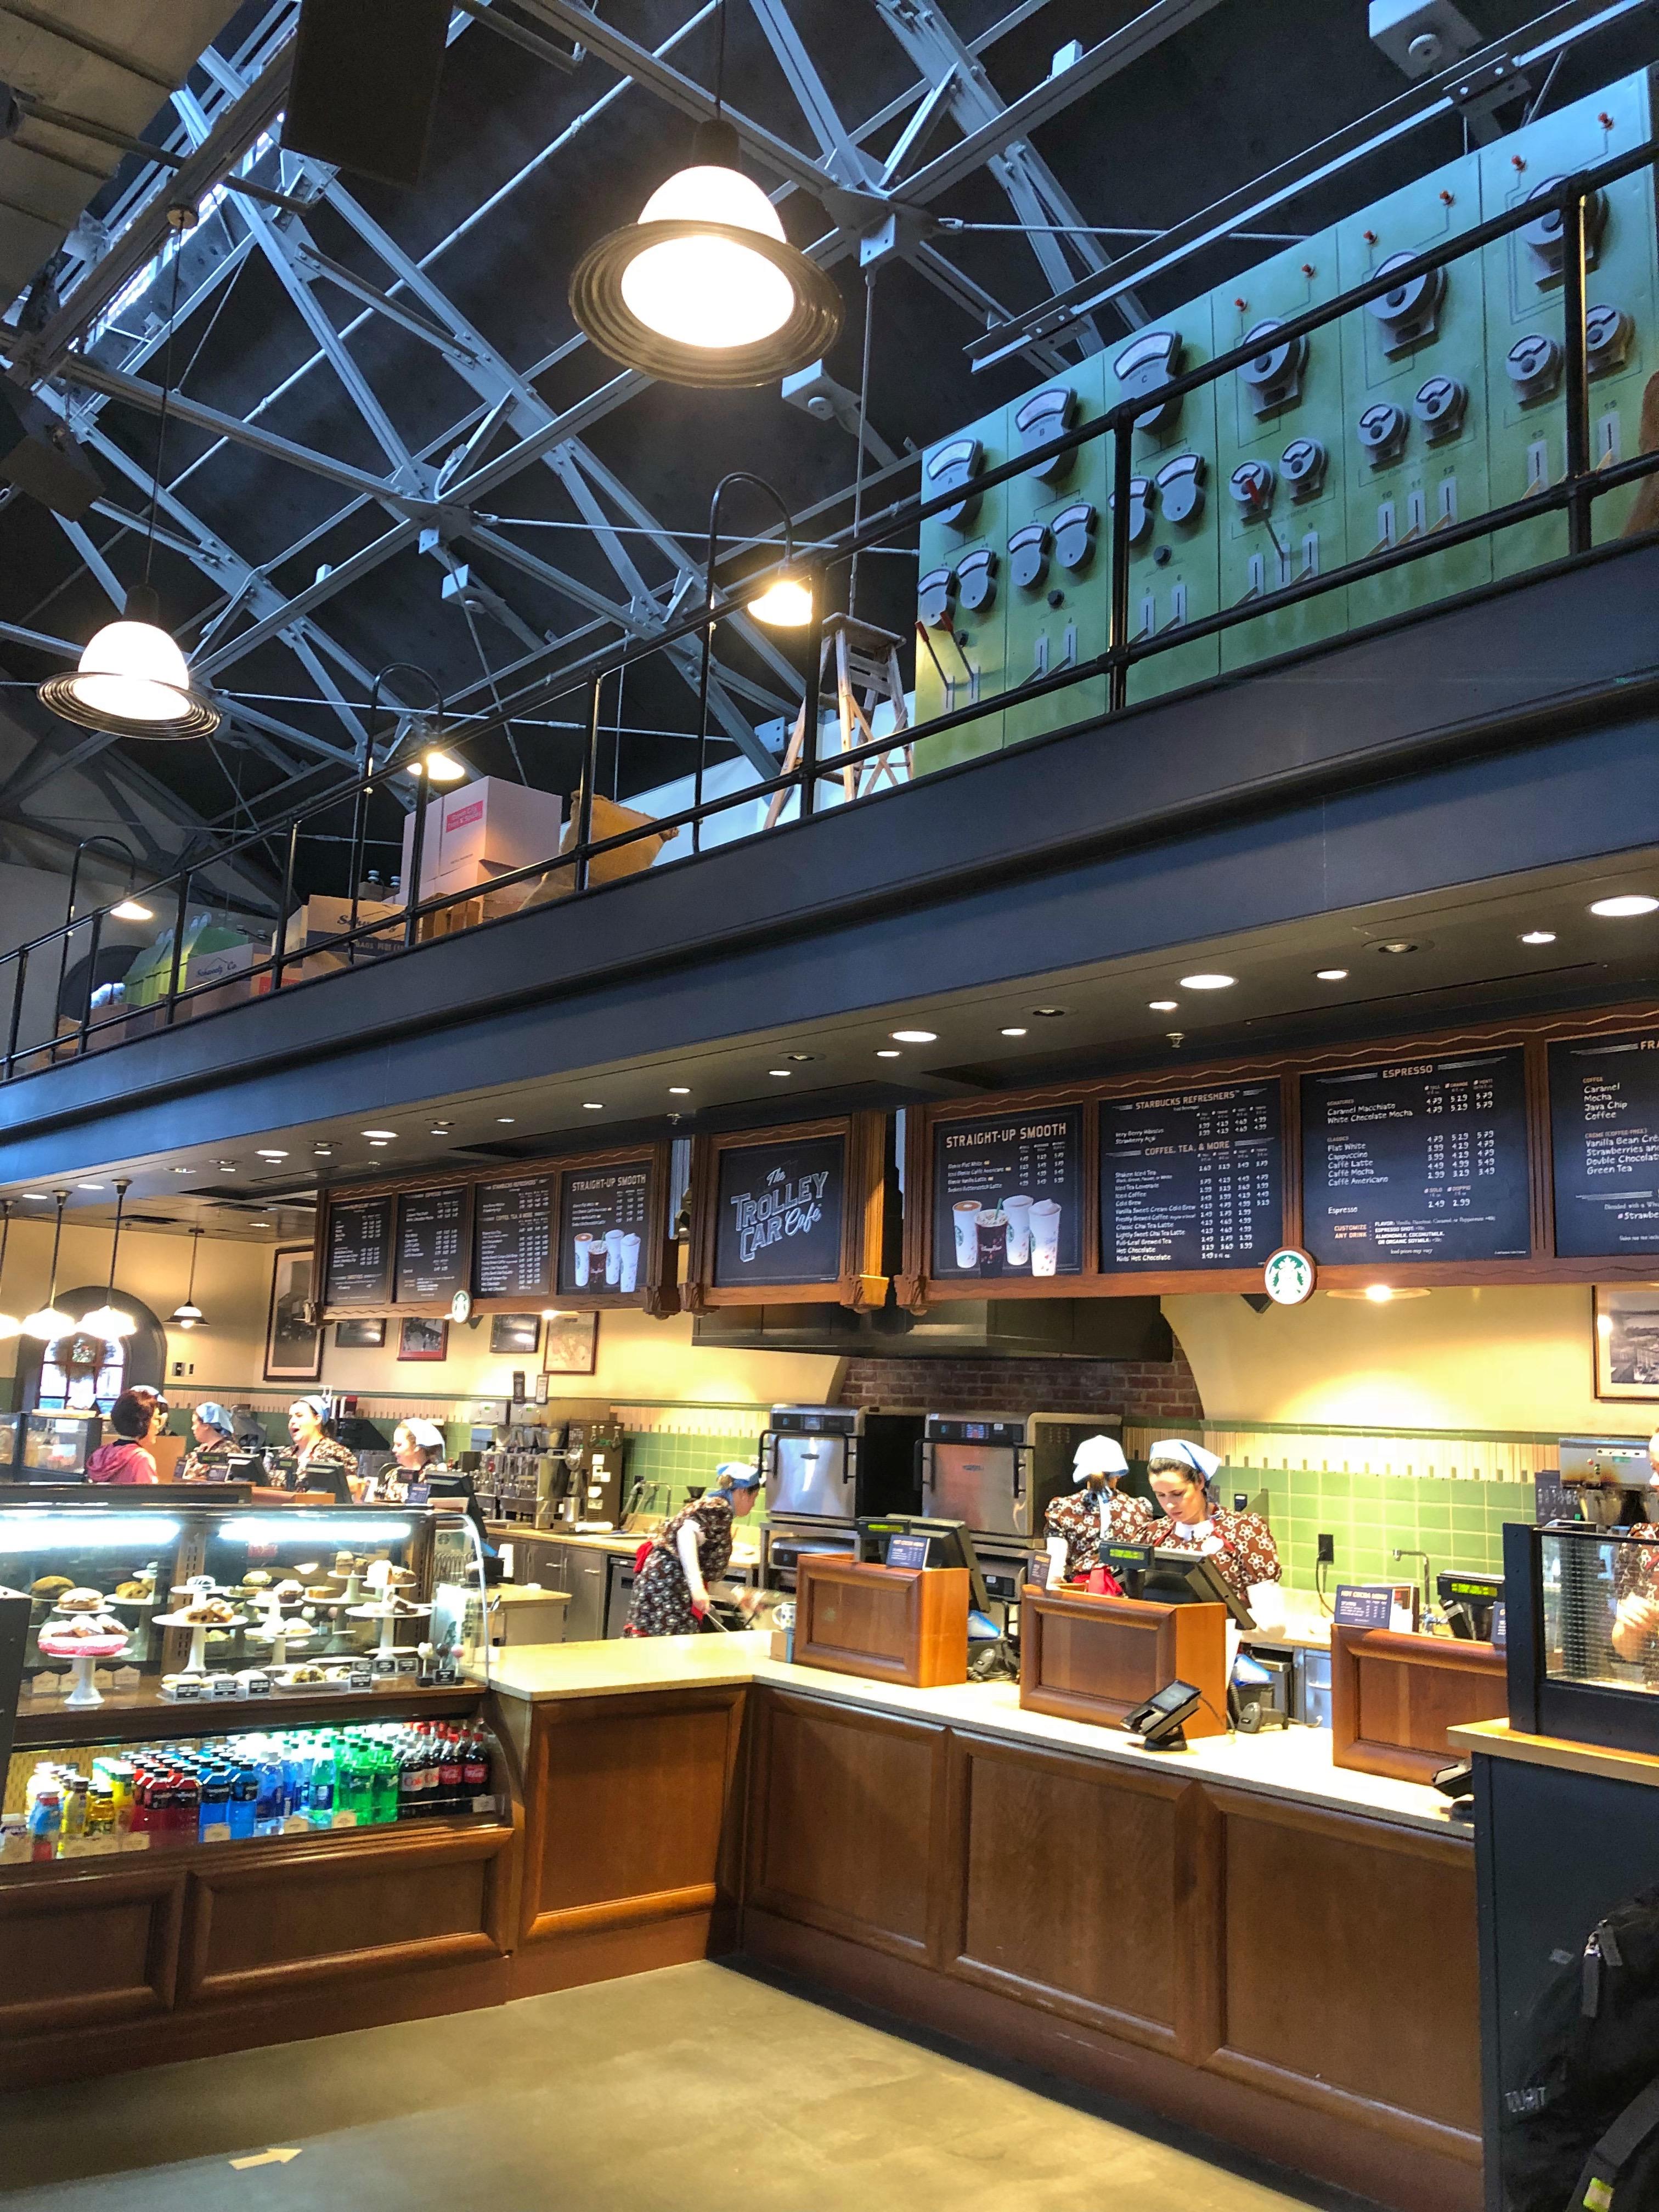 Trolley Cafe